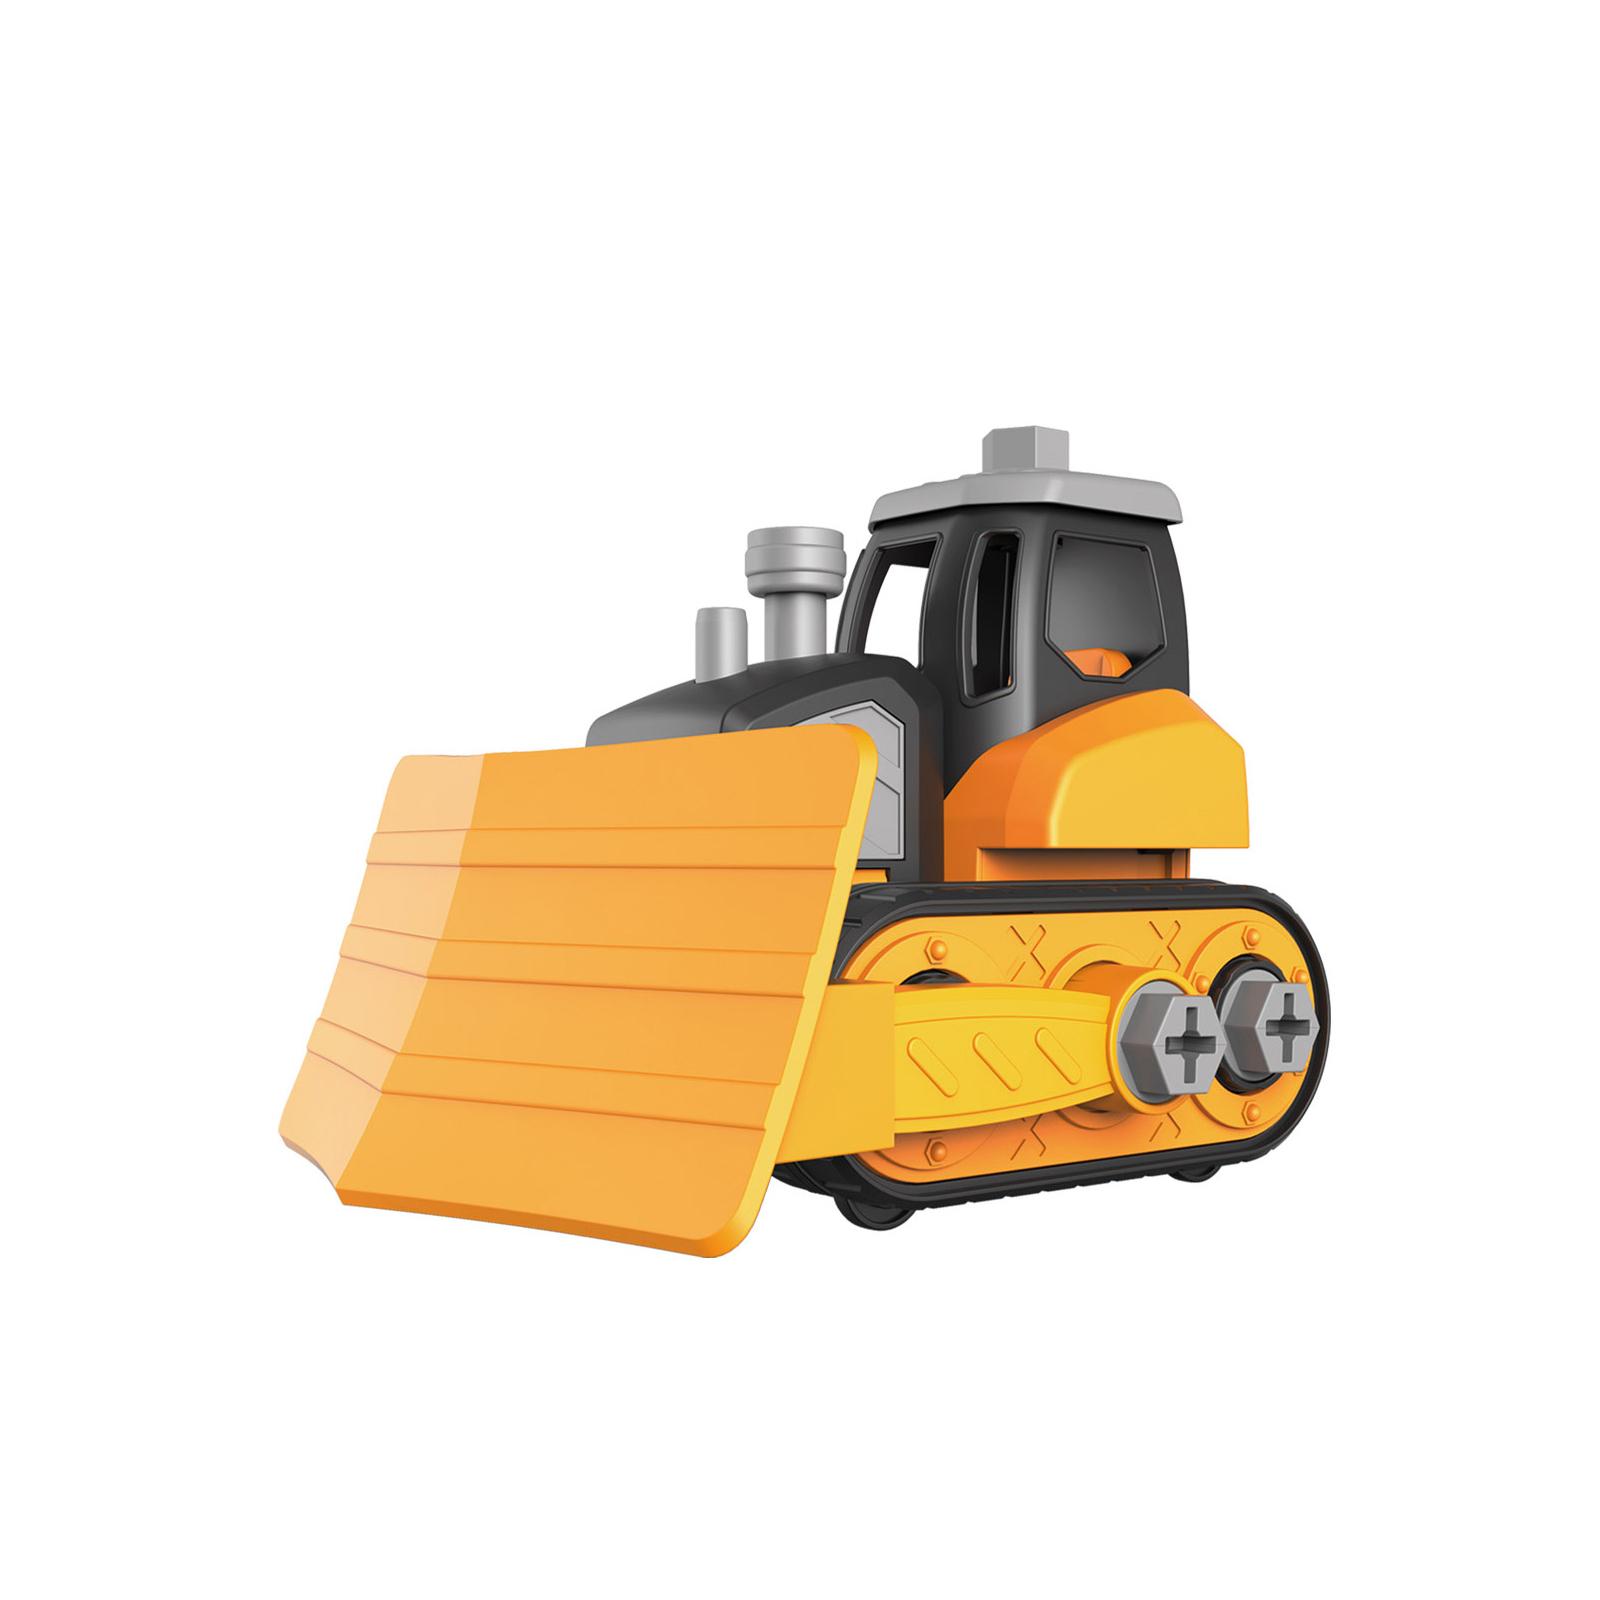 Конструктор Microlab Toys Строительная техника - снегоочиститель (MT8905)